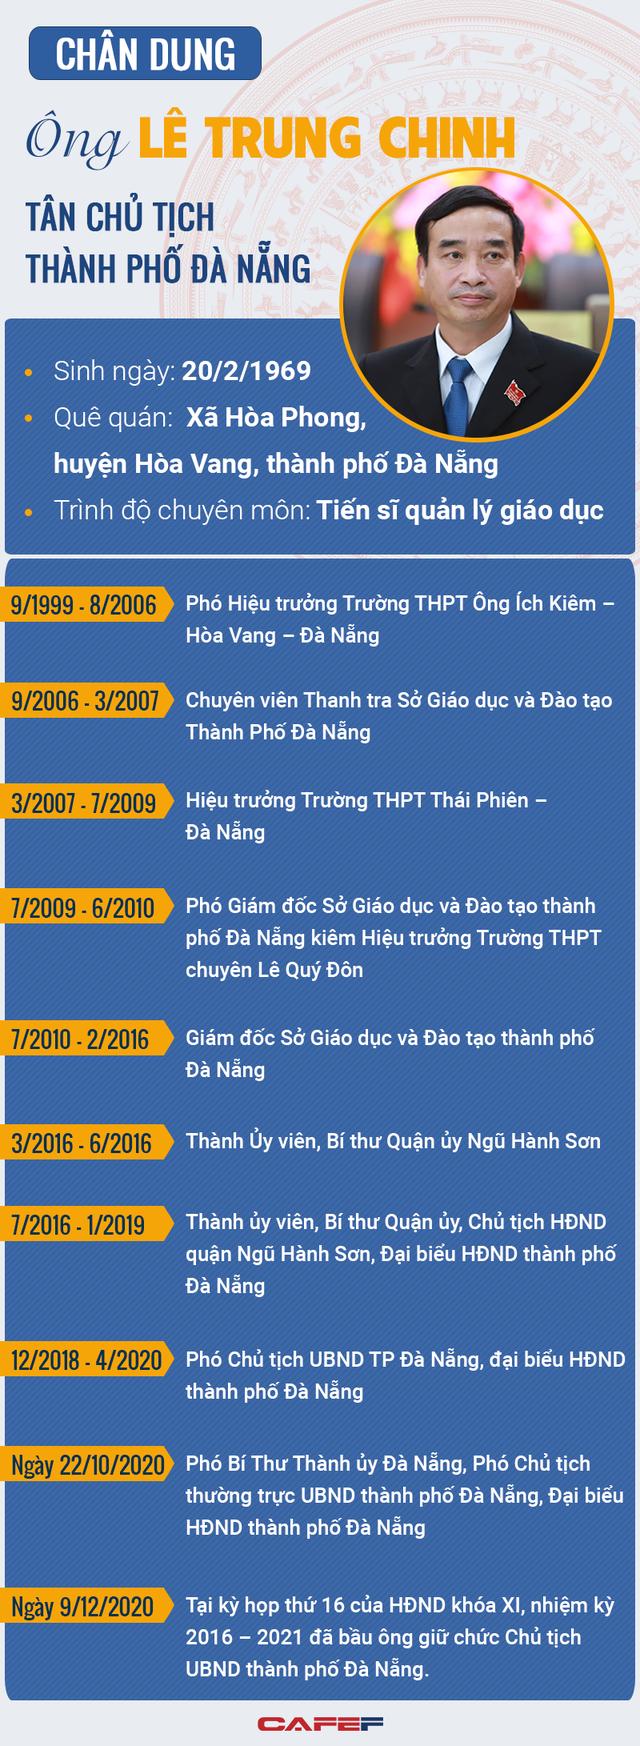 Infographic: Chân dung tân Chủ tịch thành phố Đà Nẵng Lê Trung Chinh - Ảnh 1.